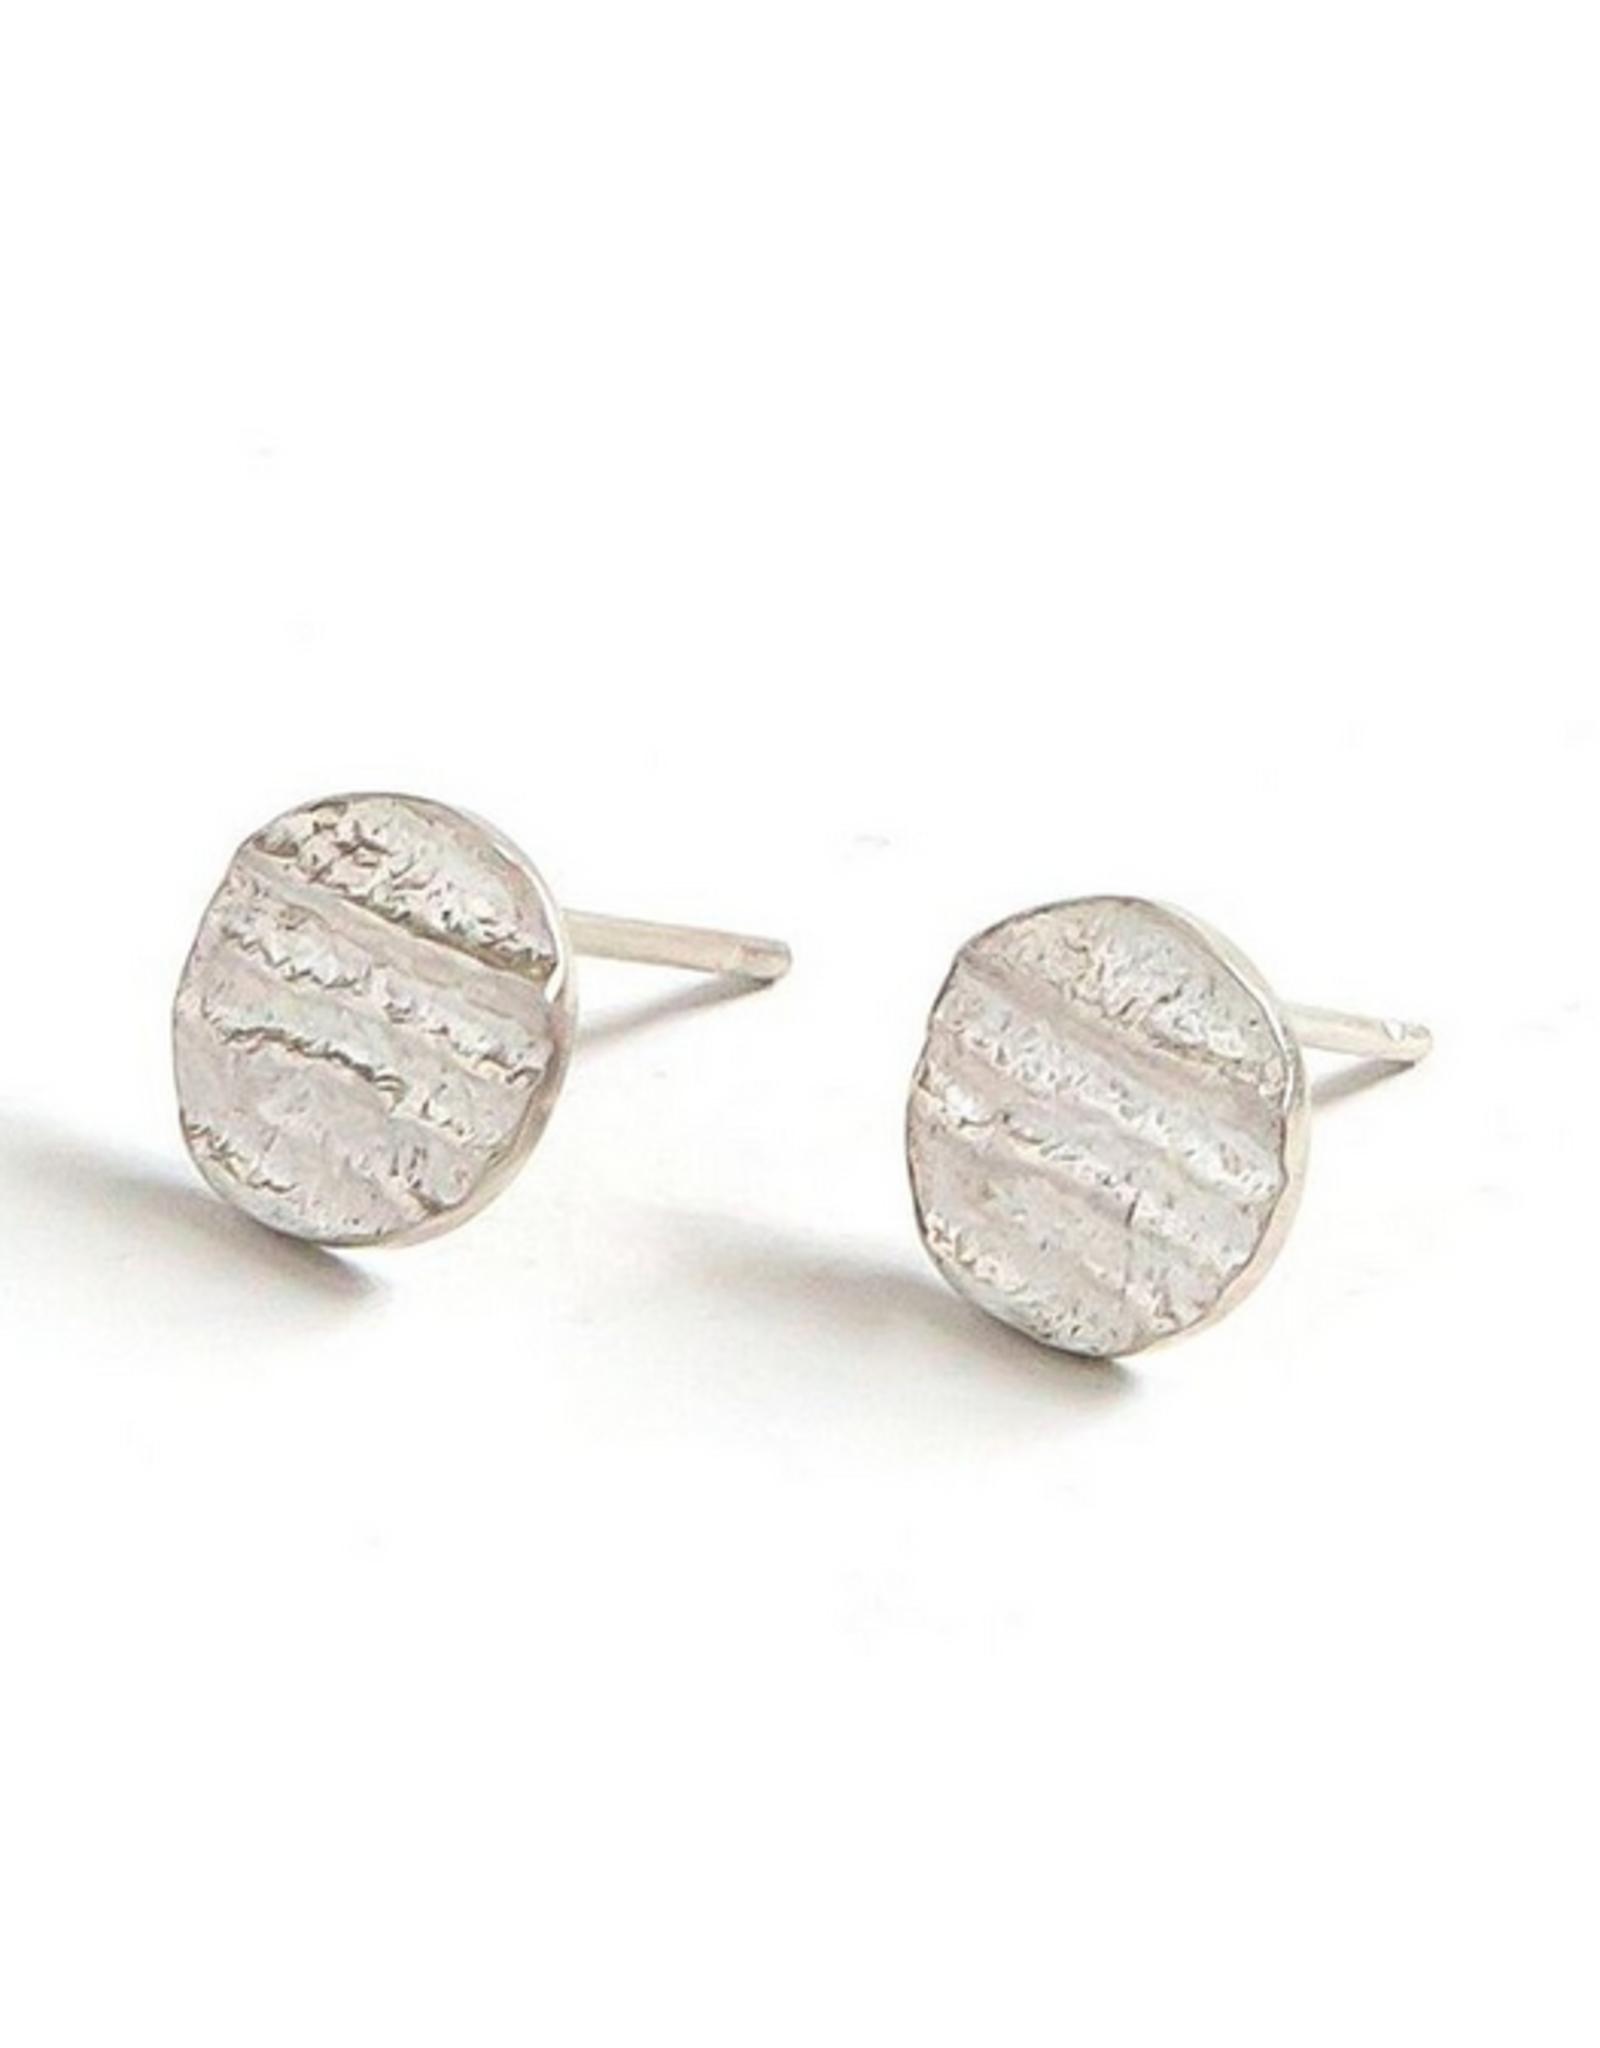 Fossil Stud Earring